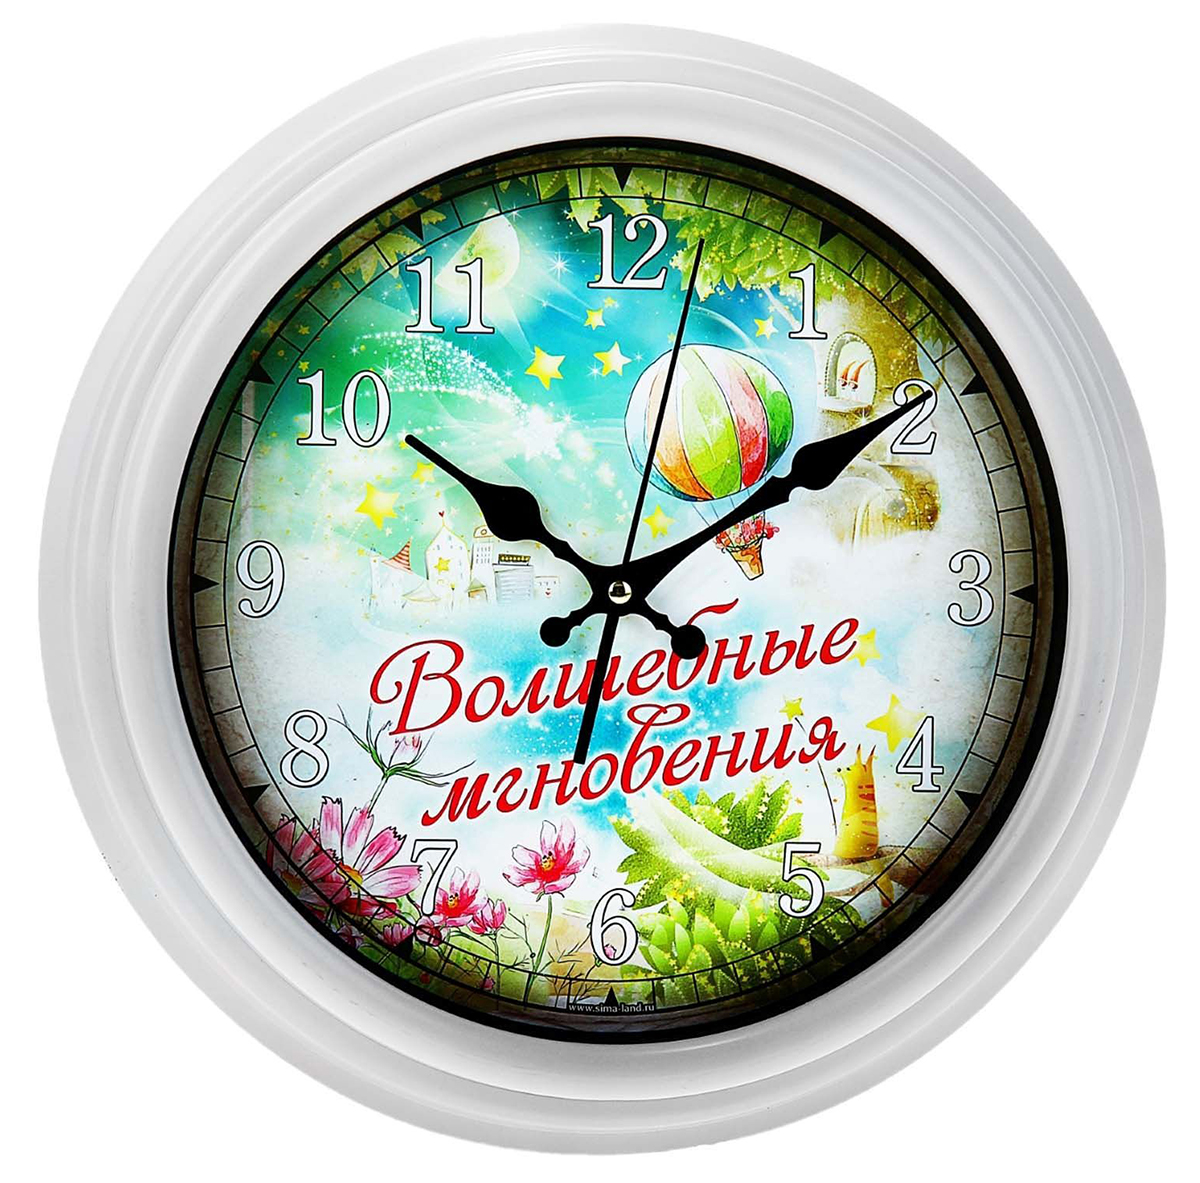 Часы настенные Волшебные мгновения, 28 см150165Часы, кроме того что отслеживают время, являются наиболее популярным решением в создании домашнего уюта и задают определенный тон помещению. Часы интерьерные настенные Волшебные мгновения сделают интерьер более насыщенным и выразительным. Подчеркнуть всю элегантность гостиной комнаты или же привнести немного нежности в спальню, – все это можно осуществить, просто повесив их на стену. Часы имеют диаметр 32 см и работают от батареек типа АА (в комплект не входят).Часы интерьерные настенные Волшебные мгновения, 28 см 150165